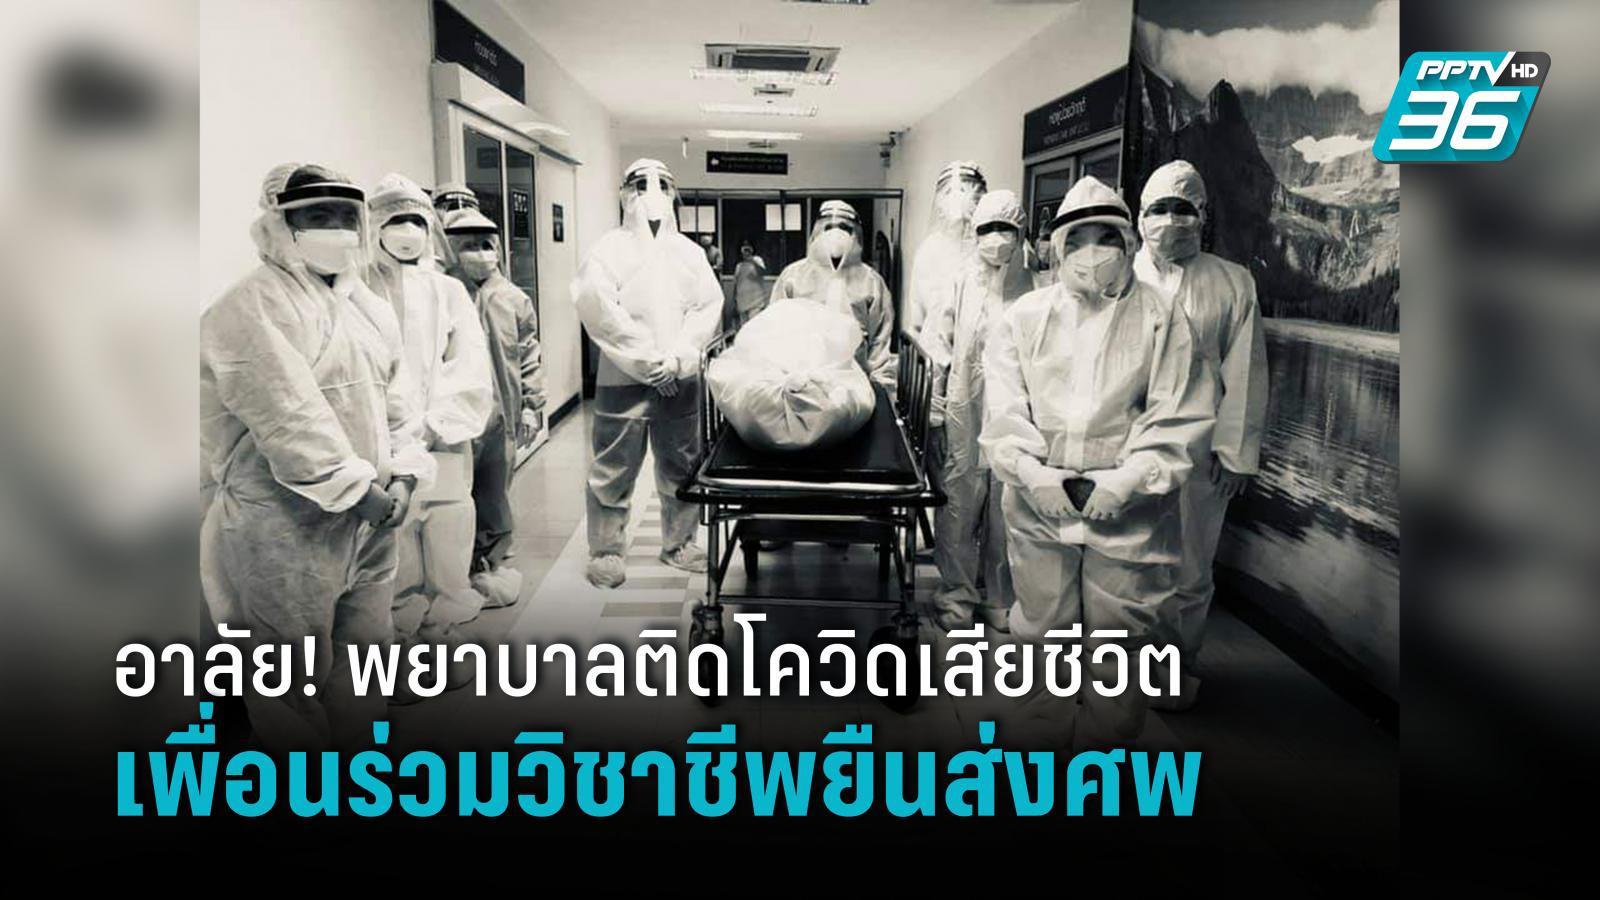 เศร้าใจ! อาลัยพยาบาลด่านหน้าติดโควิดเสียชีวิตจากการปฏิบัติหน้าที่